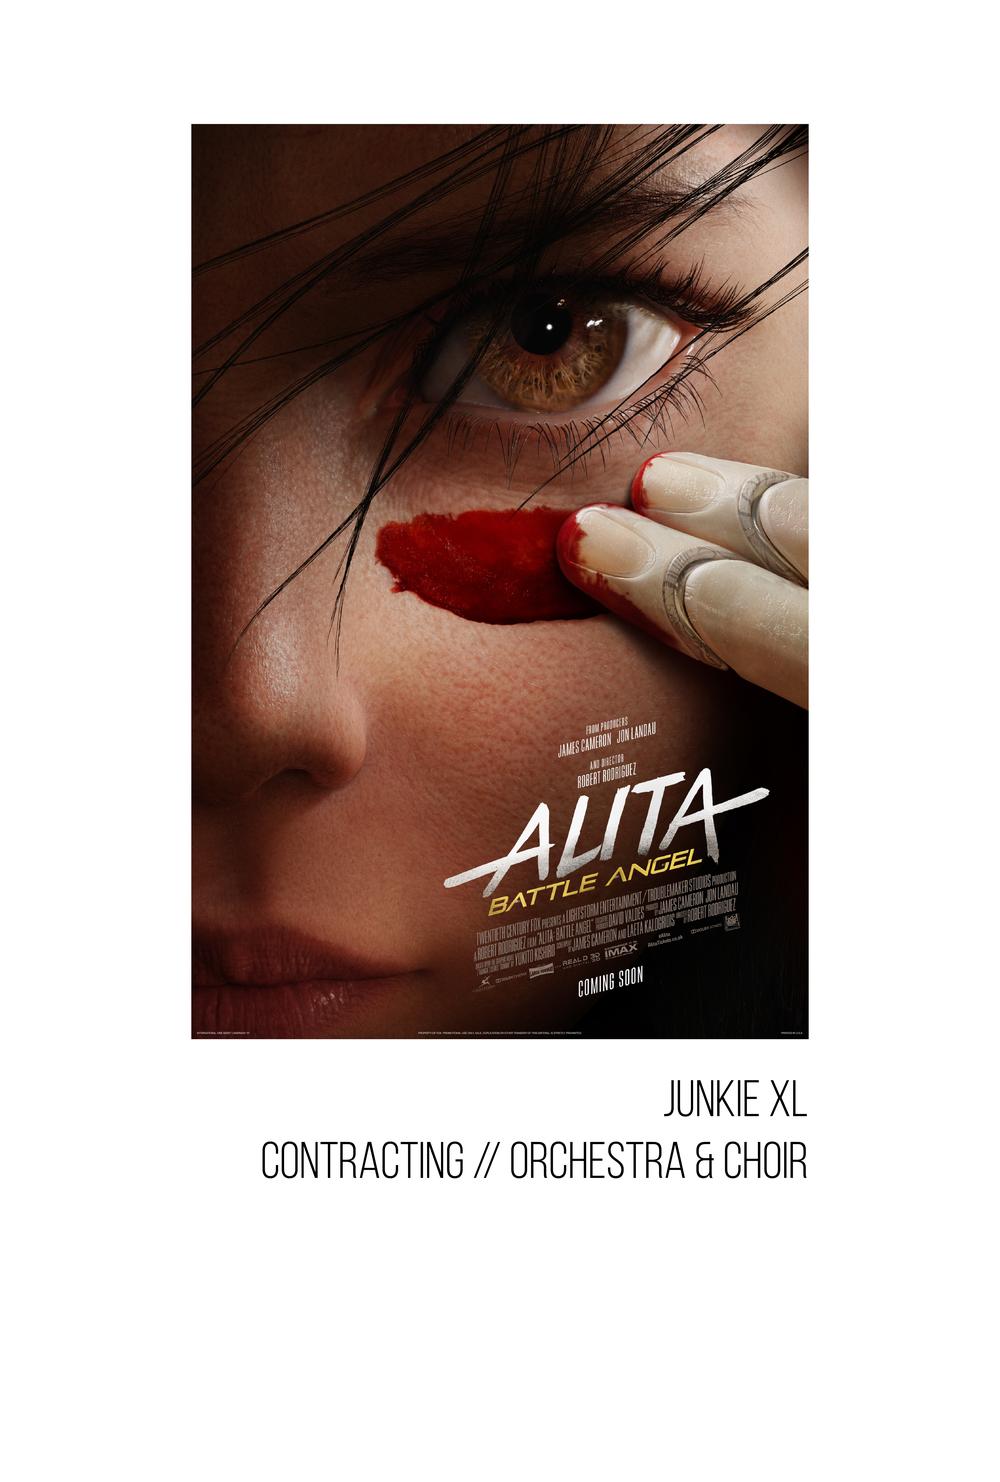 alita-01.png